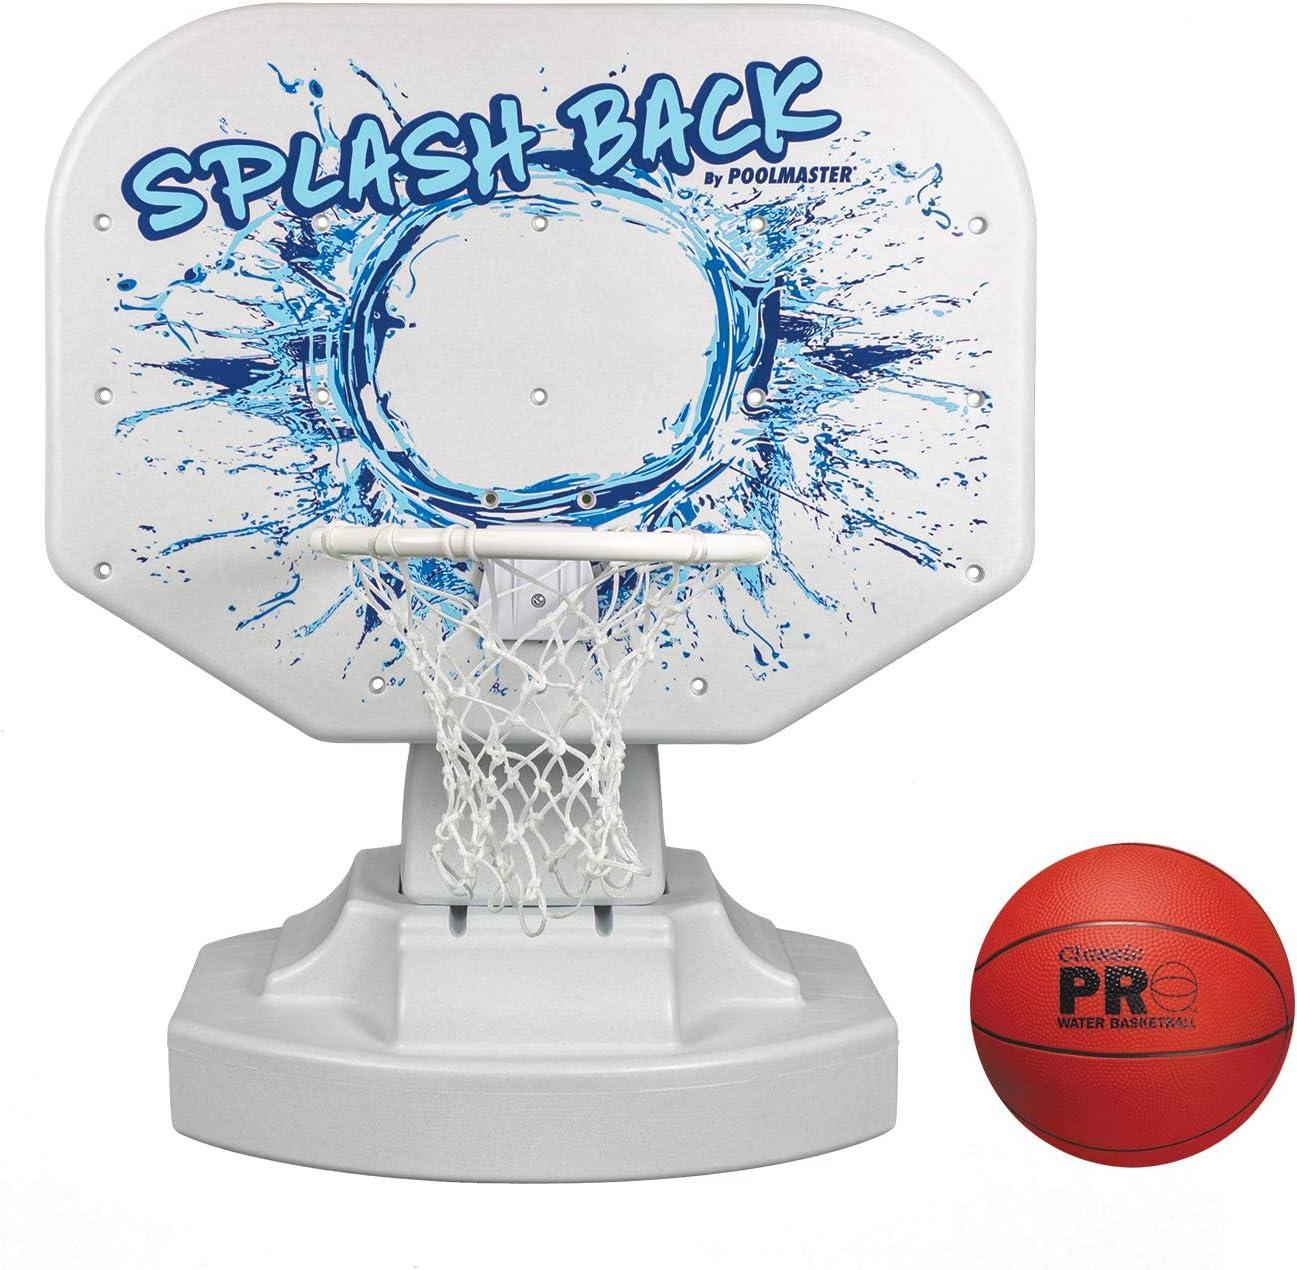 8. Poolmaster 72820 Splashback Review - Most Durable Pool Basketball Hoop